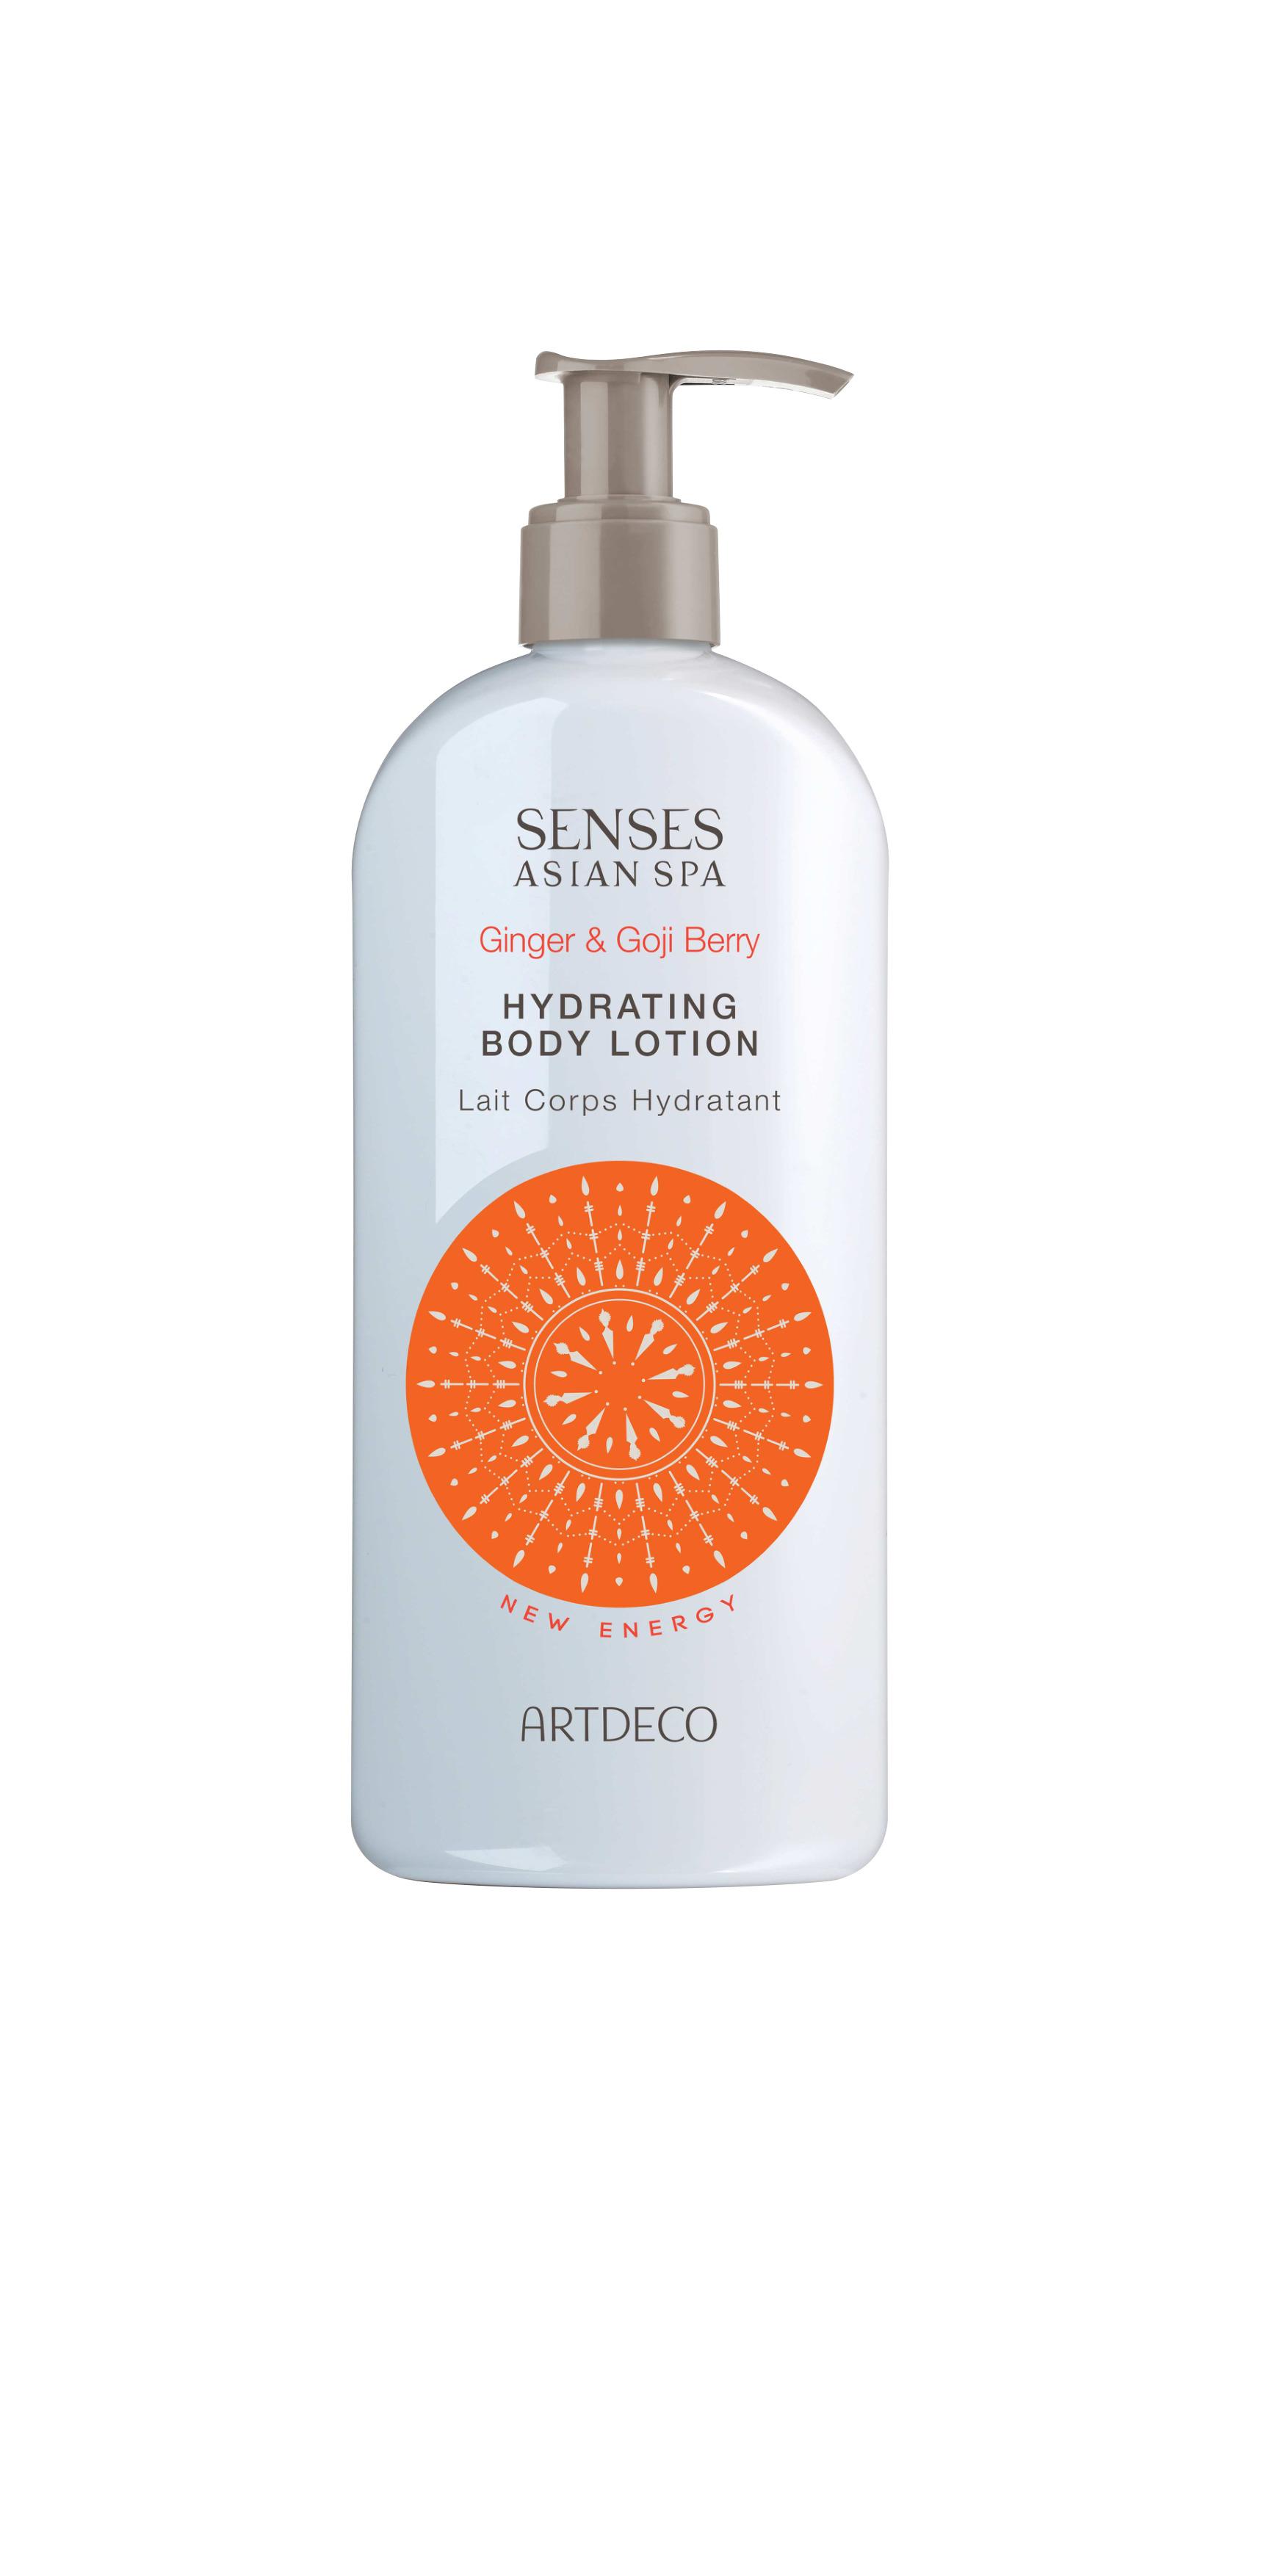 Artdeco лосьон для тела увлажняющий Hydrating body lotion, new energy, 200 мл65104.3Интенсивно увлажняет Делает кожу нежной, как шелк